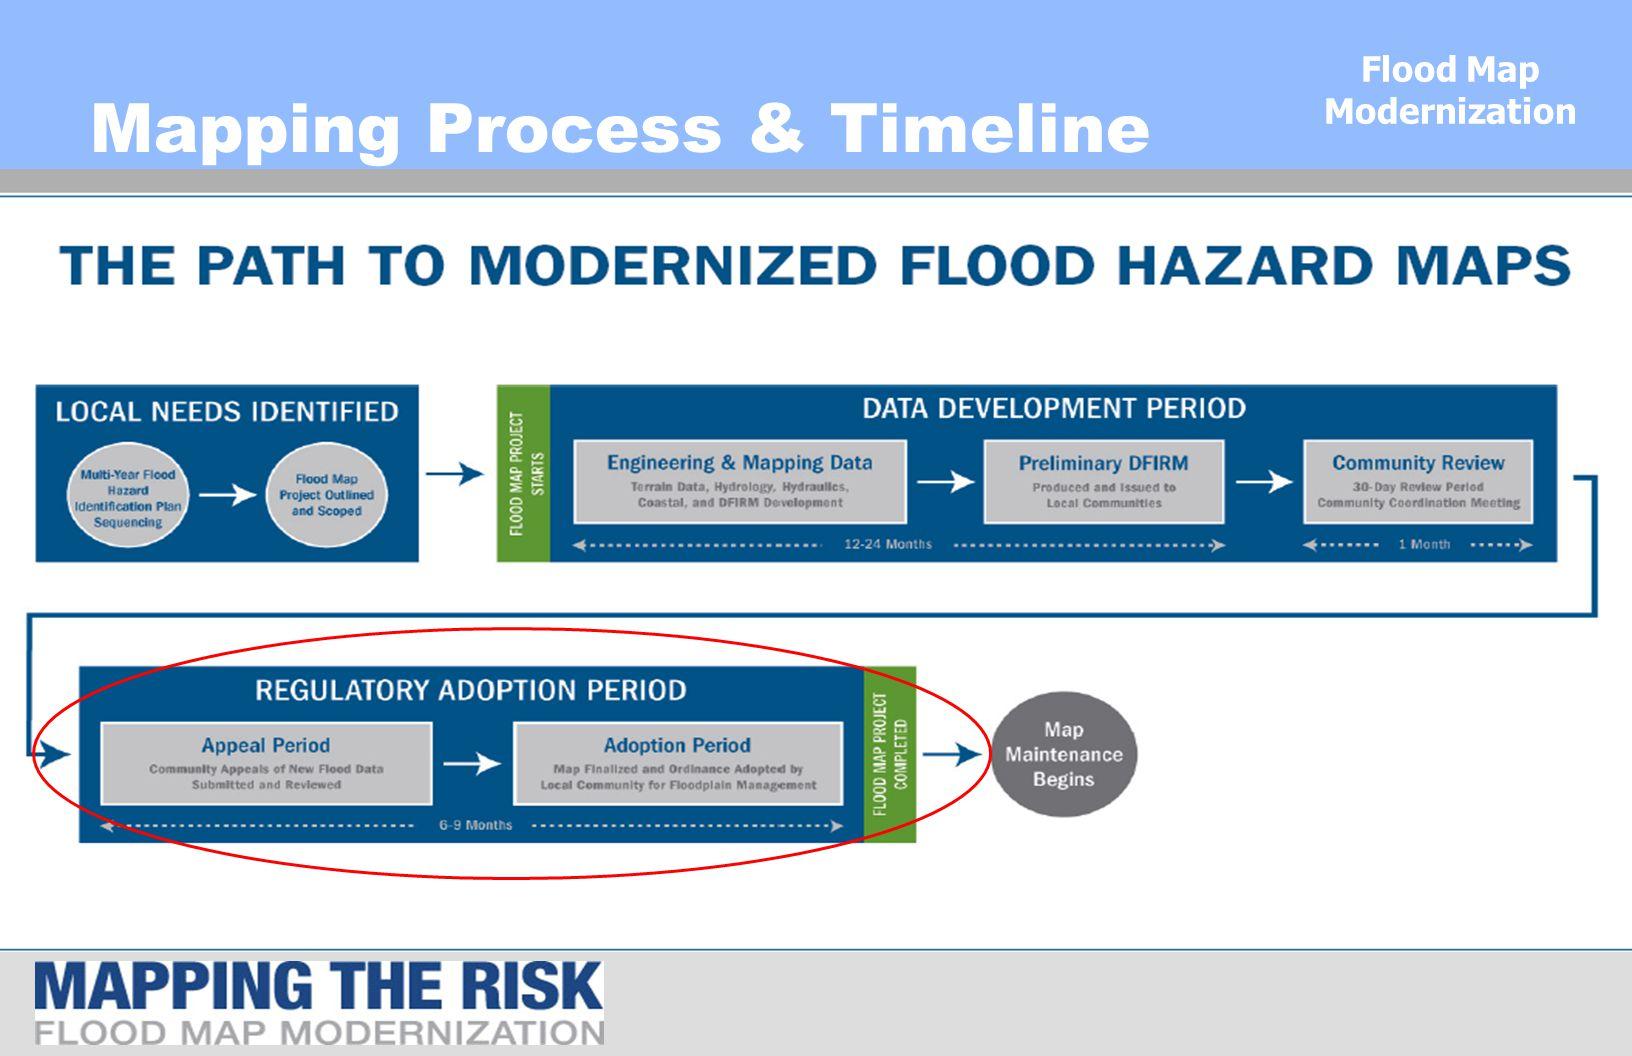 Flood Map Modernization Mapping Process & Timeline